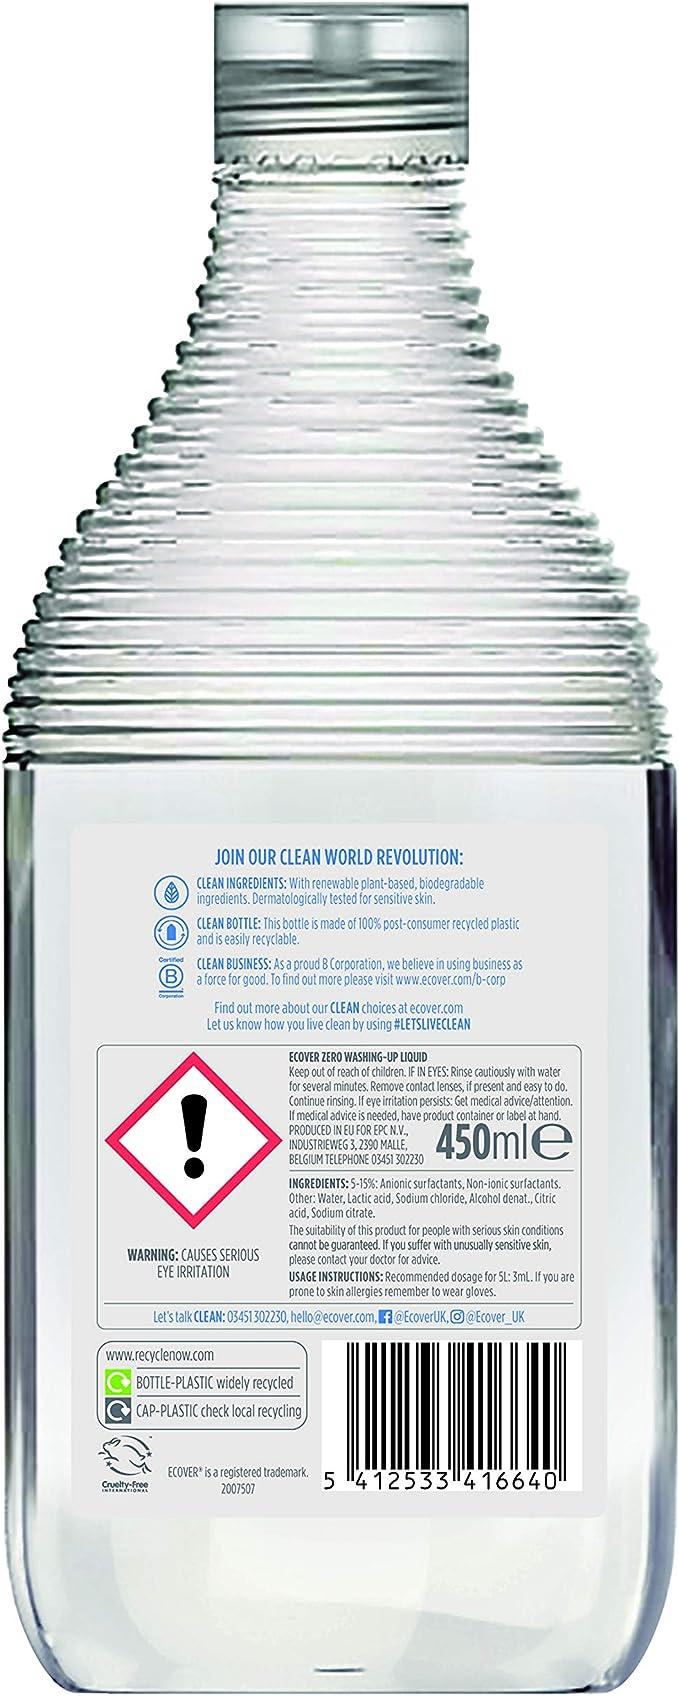 Ecover mano de lavavajillas Zero, 498 ml: Amazon.es: Salud y ...